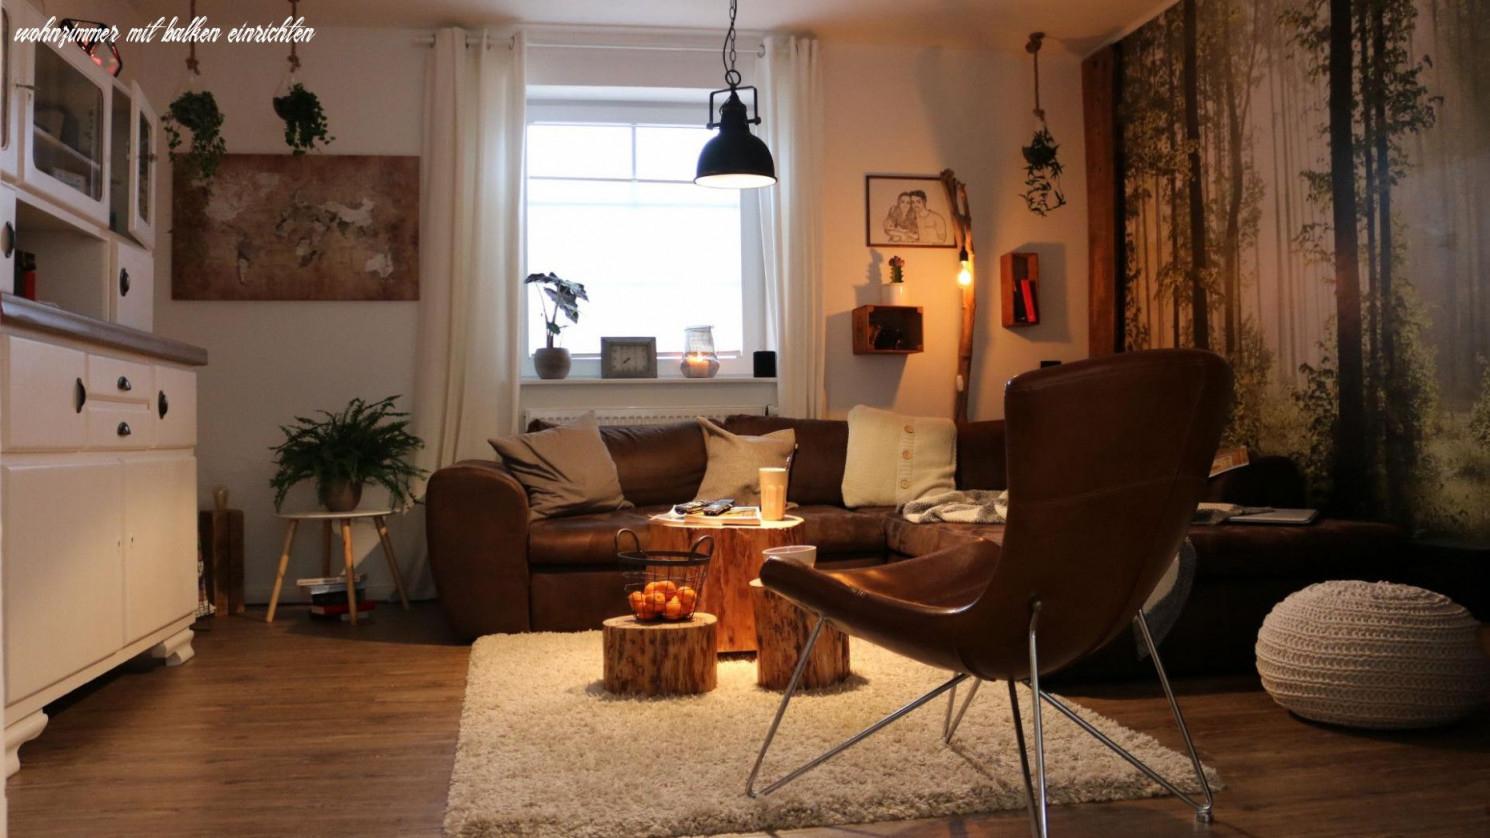 Pin On Wohnzimmer Ideen von Wohnzimmer Mit Balken Einrichten Photo